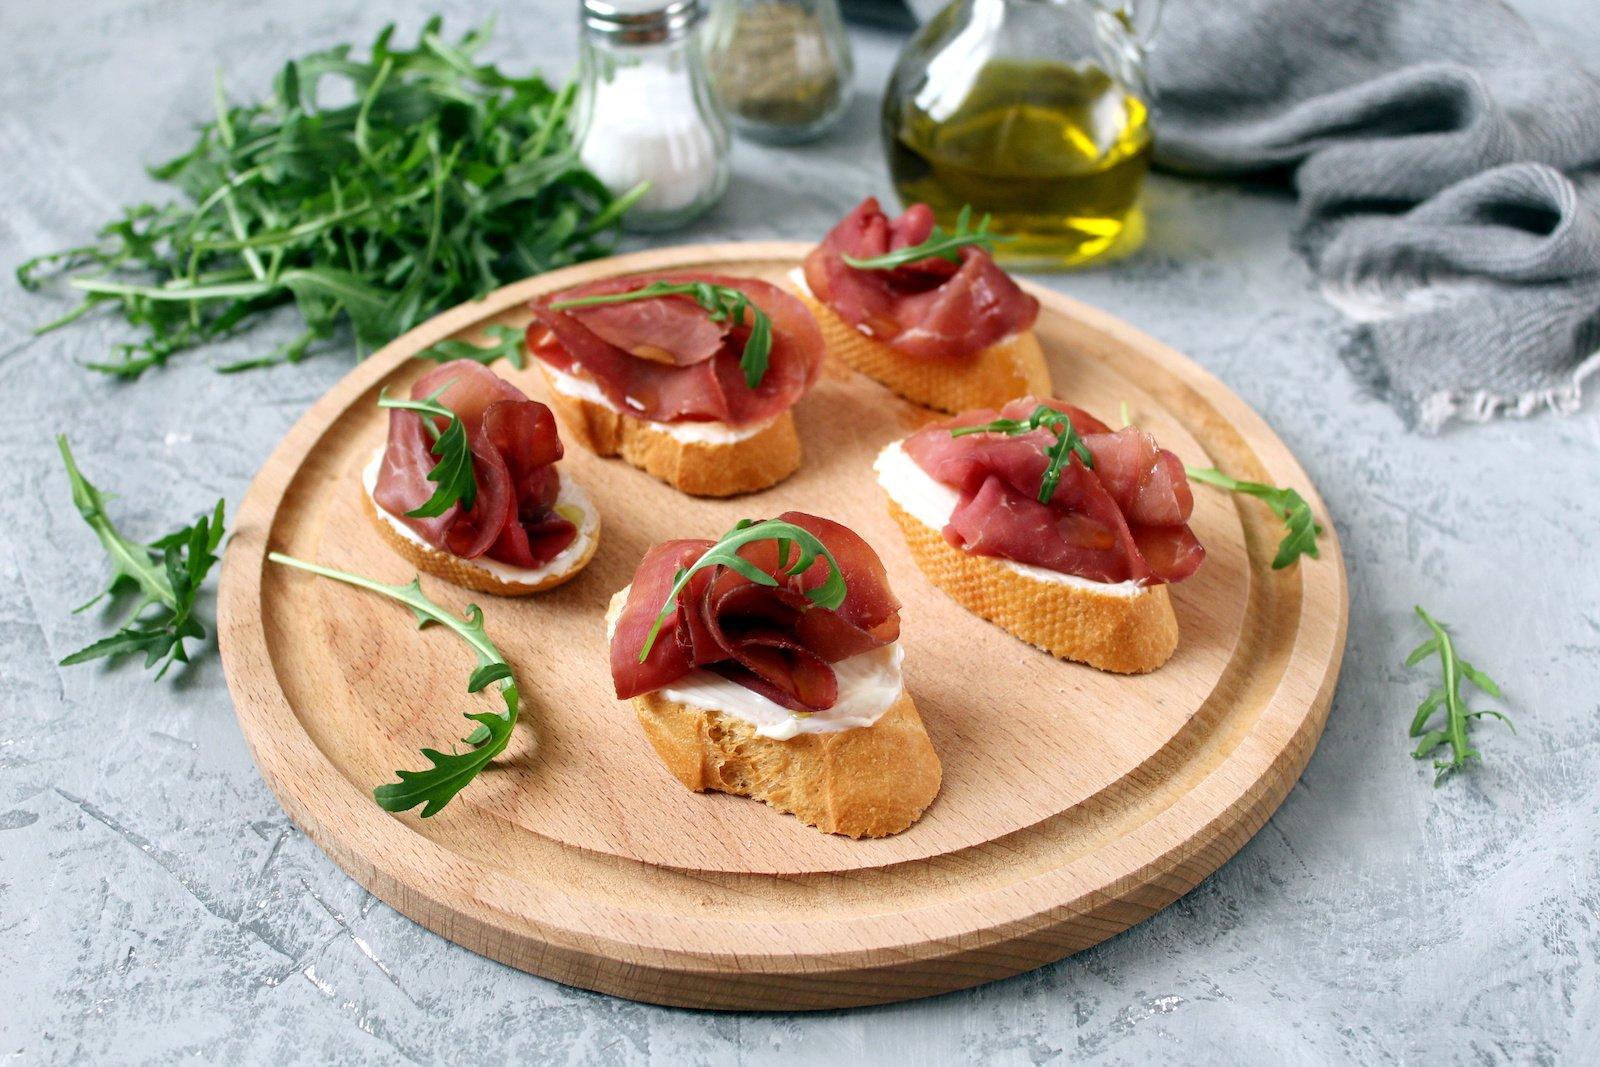 Crostini Manchego cheese and jamon